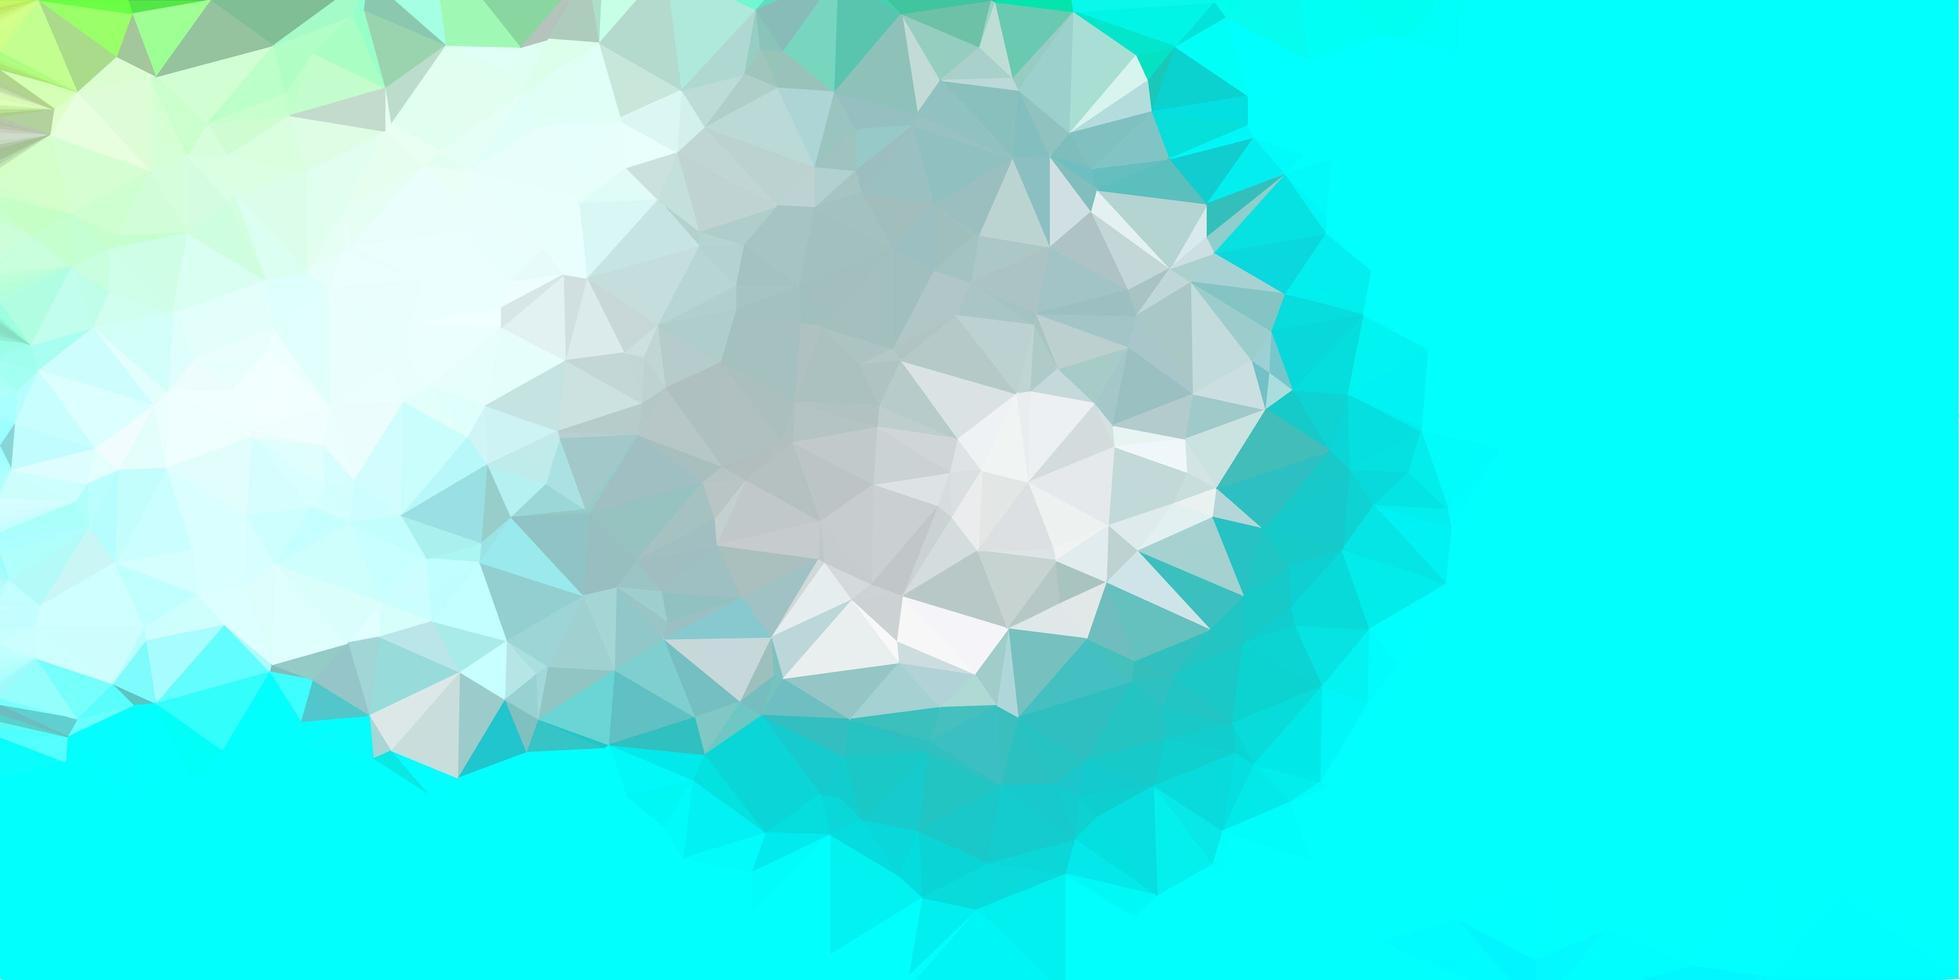 disegno del mosaico del triangolo di vettore blu chiaro, verde.